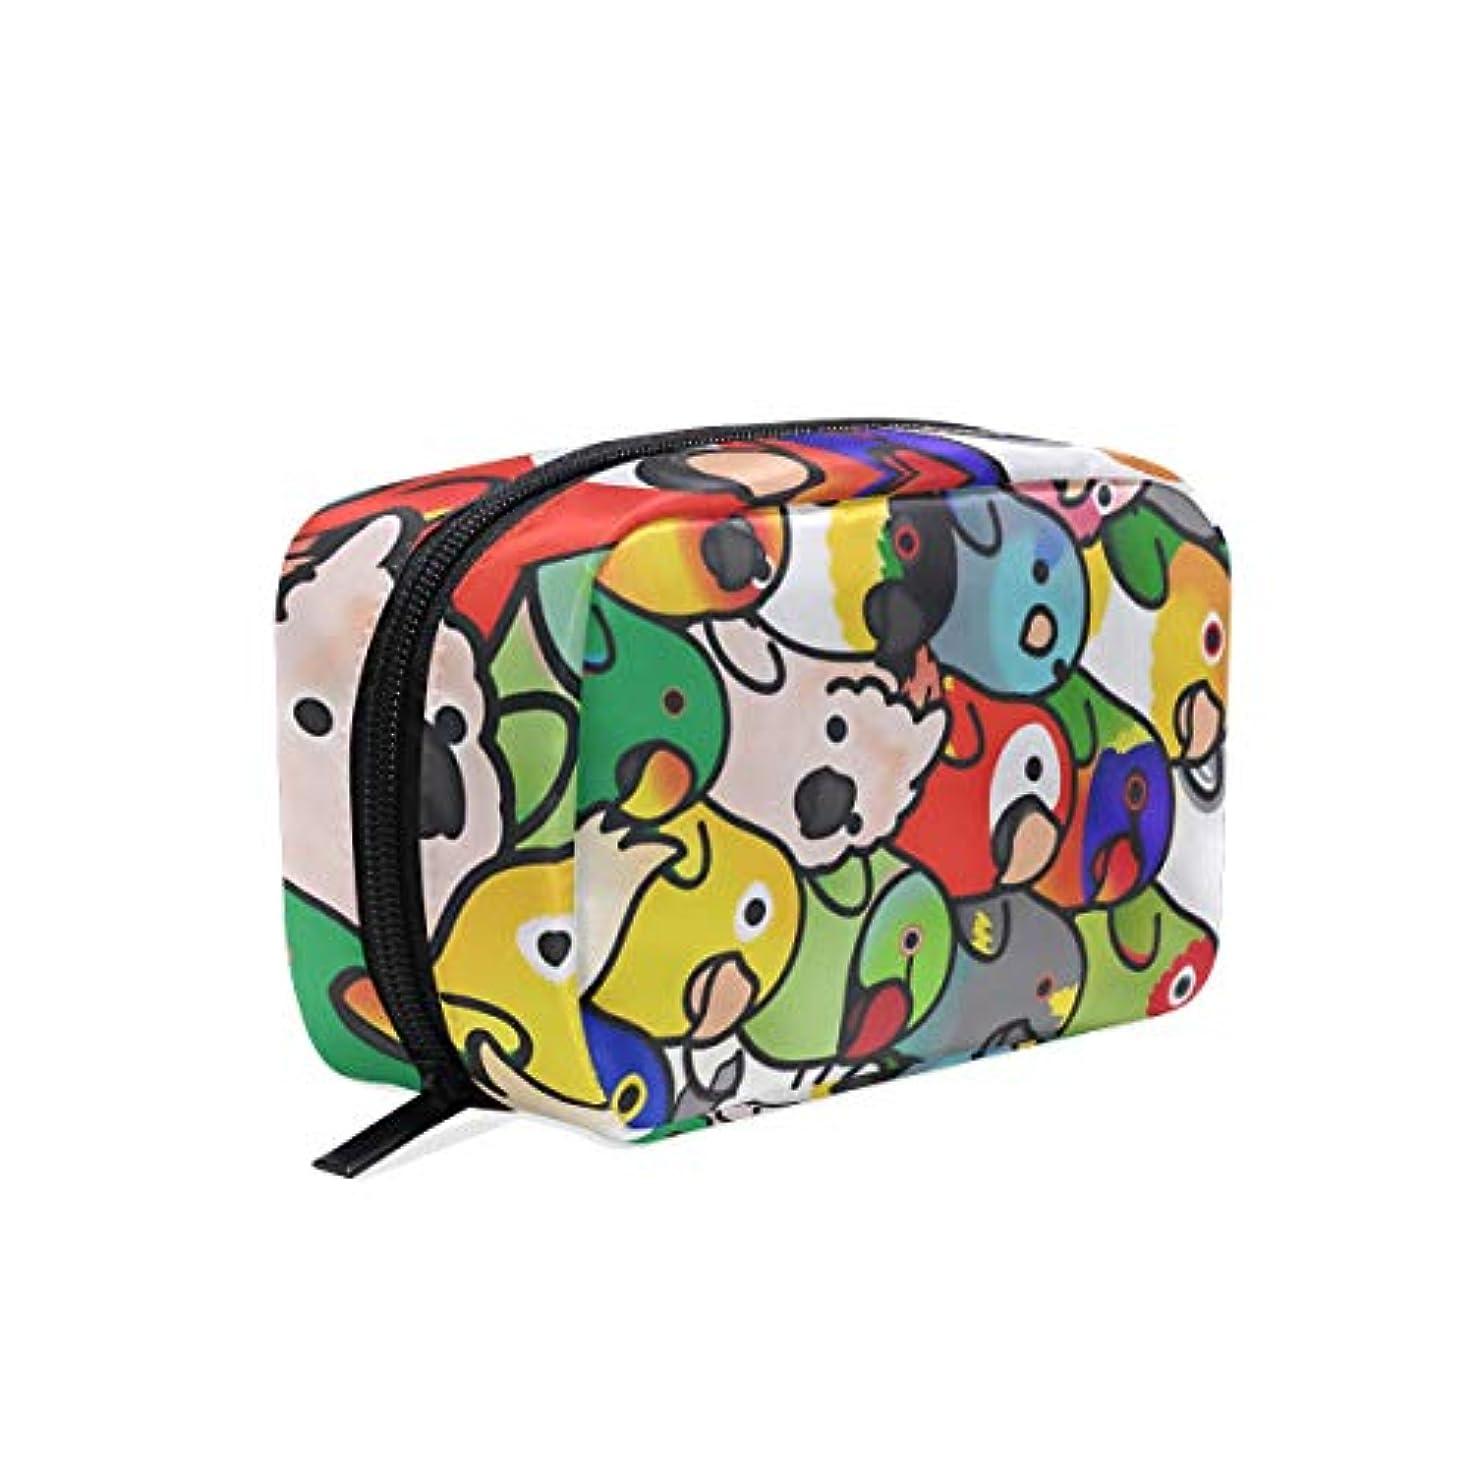 対立シネウィ行う鳥 鸚鵡 こんごういんこ 化粧品袋 ジッパーと繊細な印刷パターン付き 列車 旅行 荷物梱包用 女の子へのプレゼント Parrots Lovebird Macaw